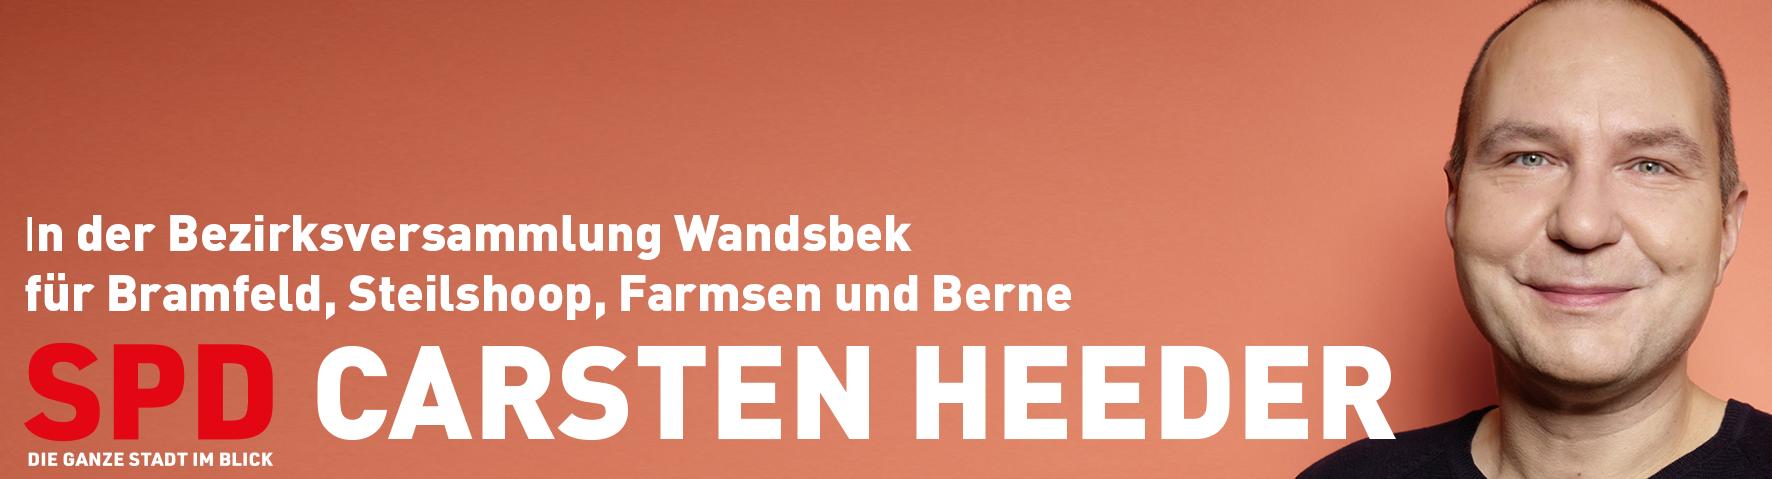 Carsten Heeder